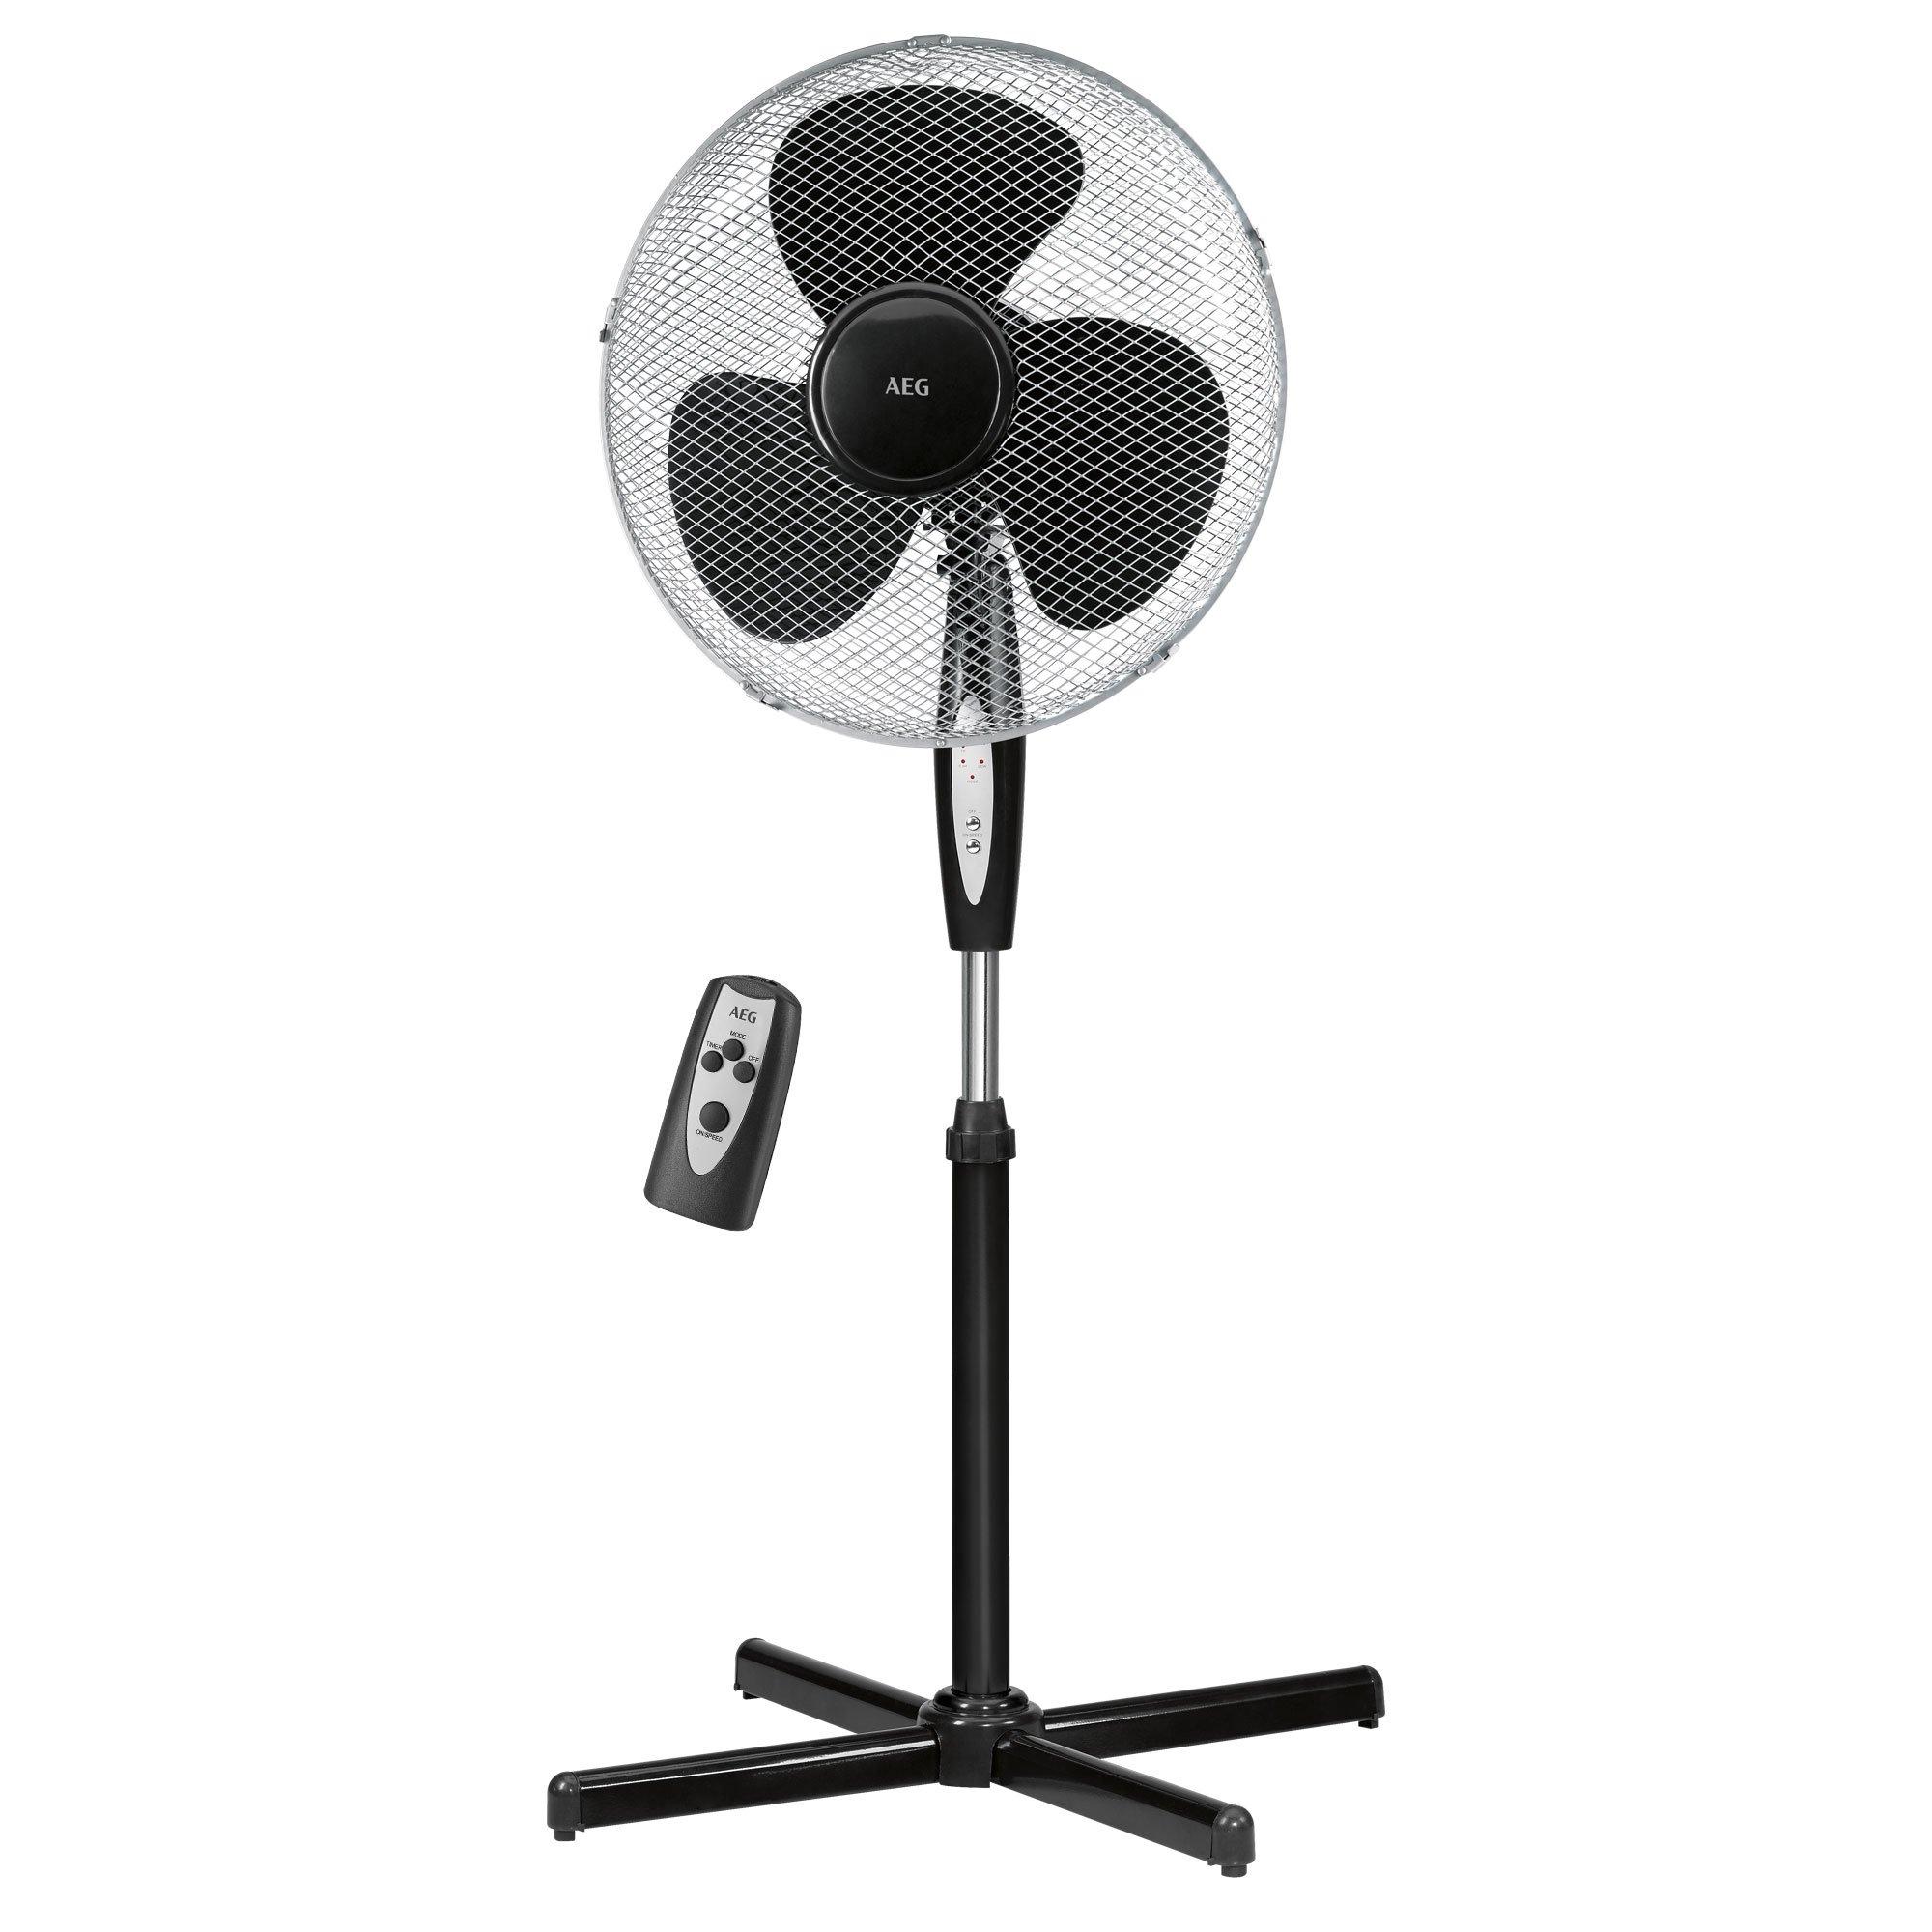 AEG – Ventilator